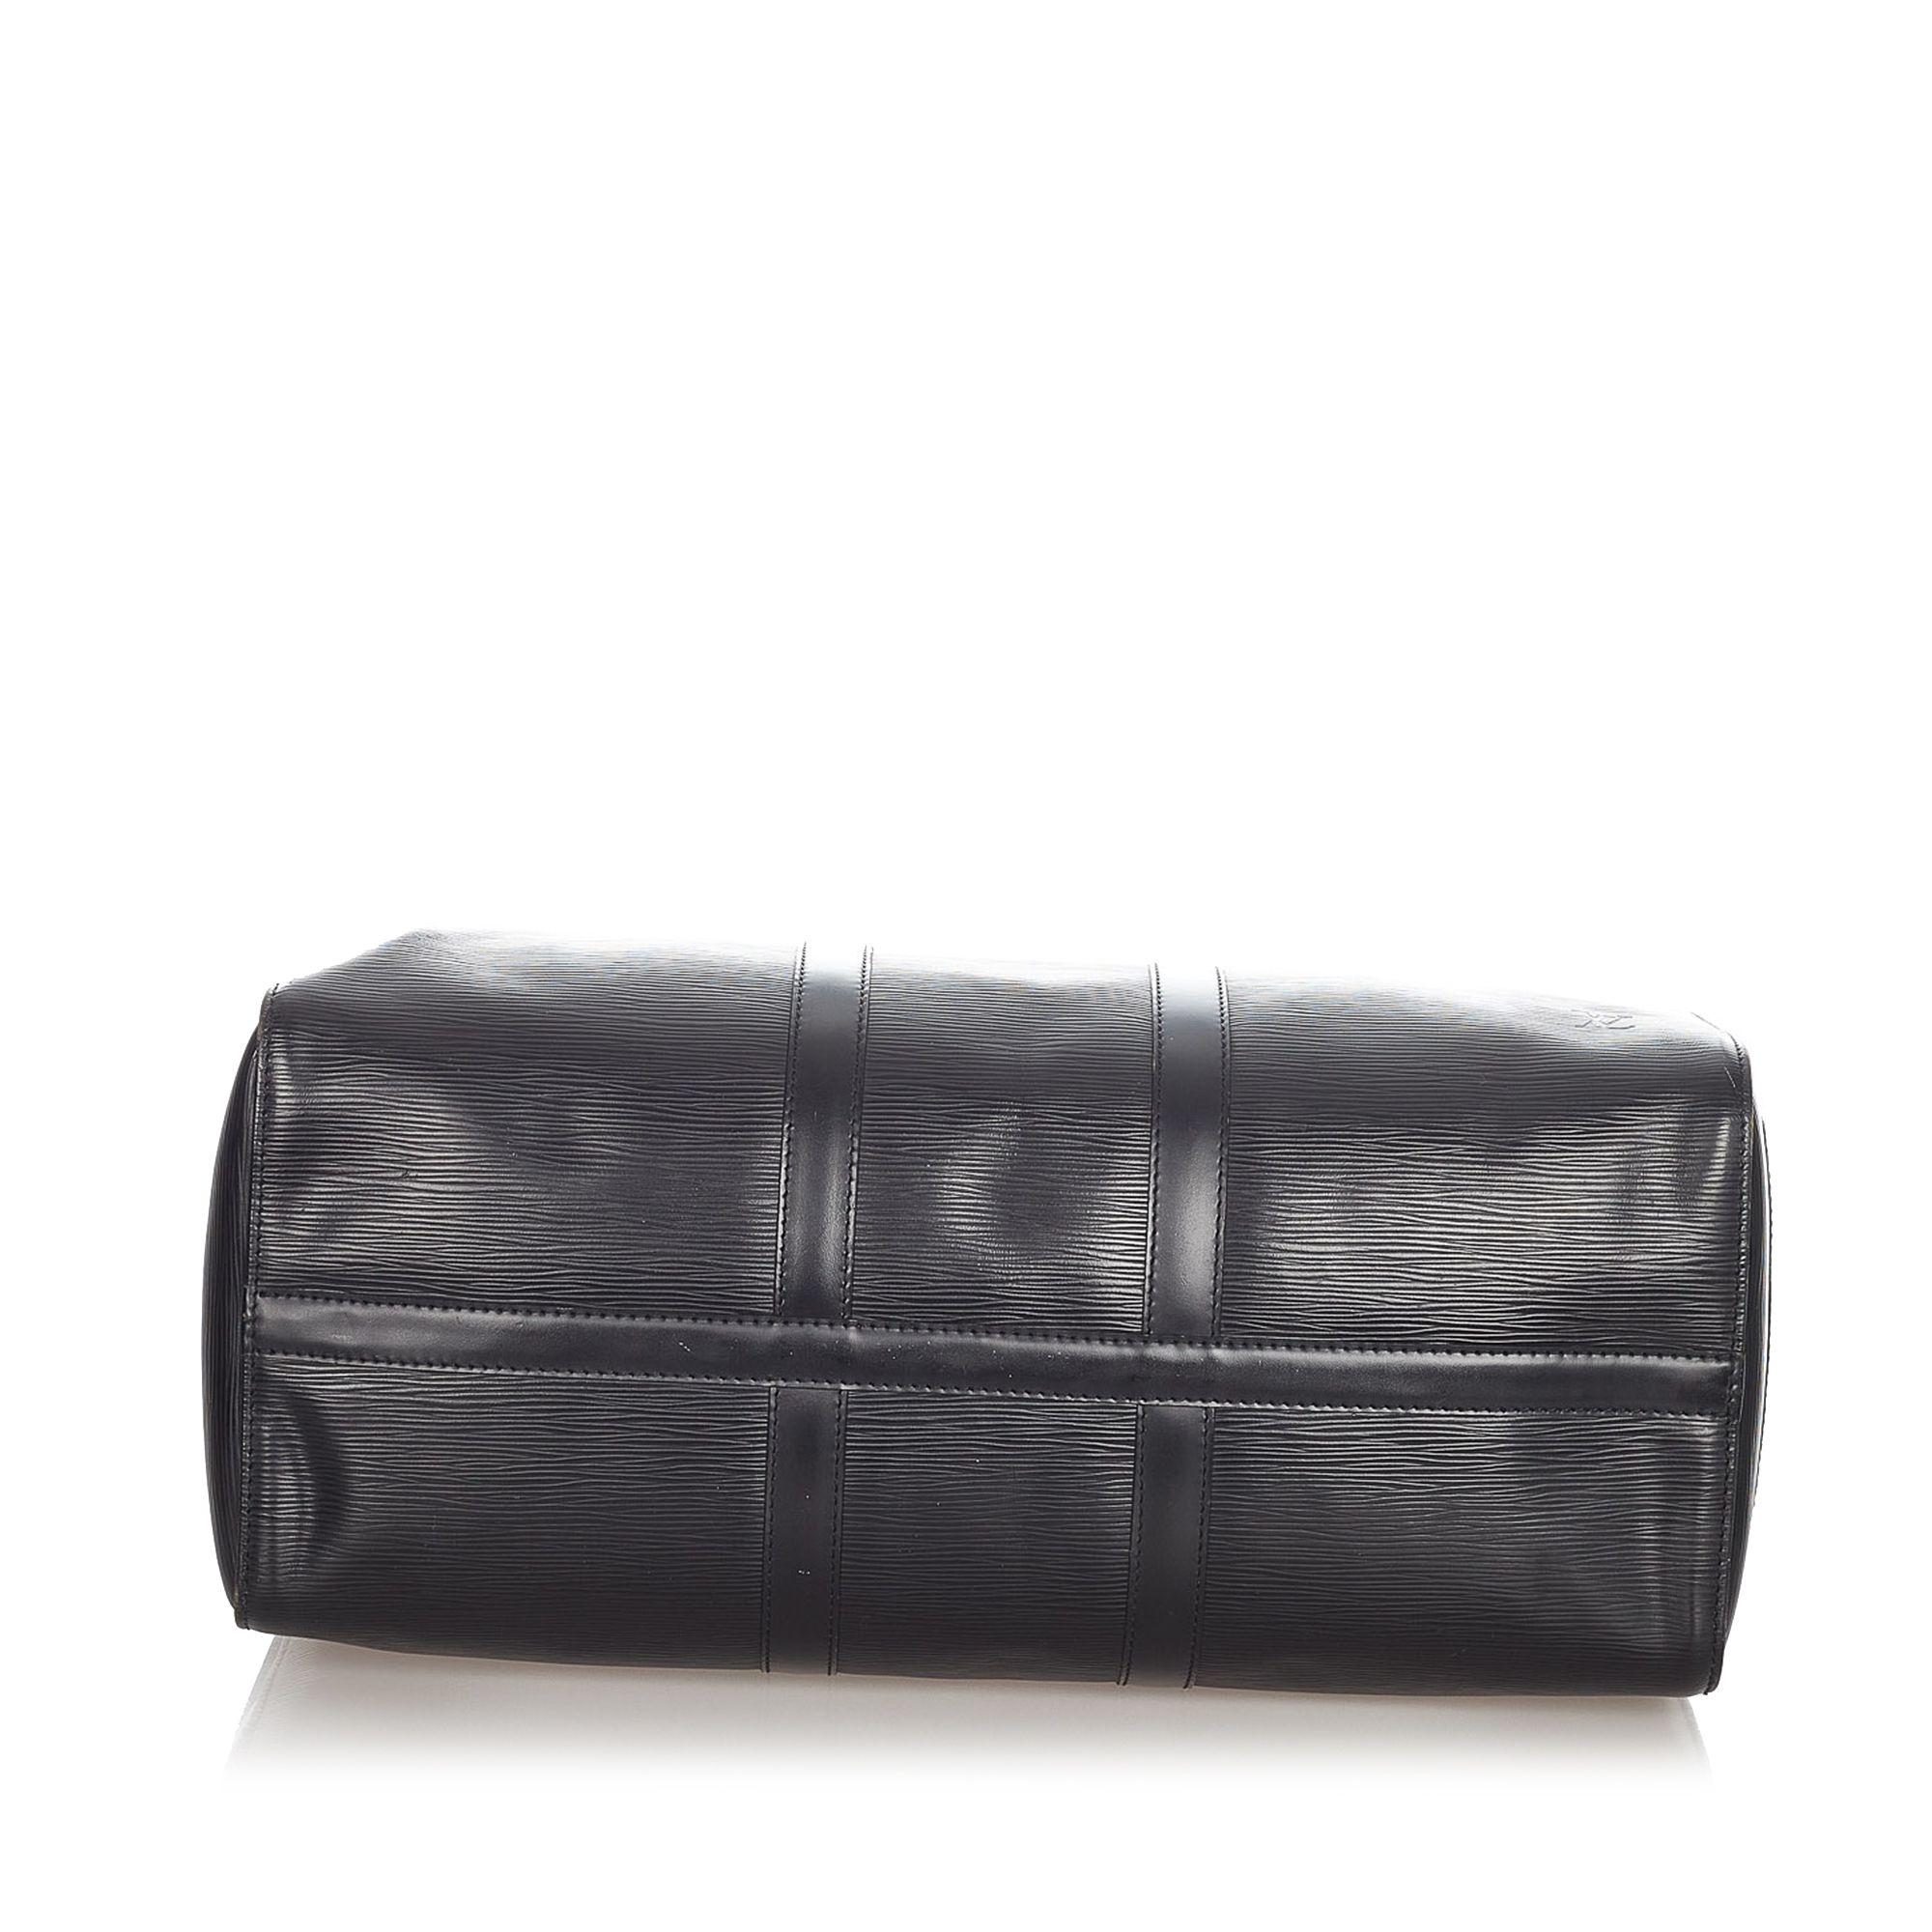 Vintage Louis Vuitton Epi Keepall 45 Black